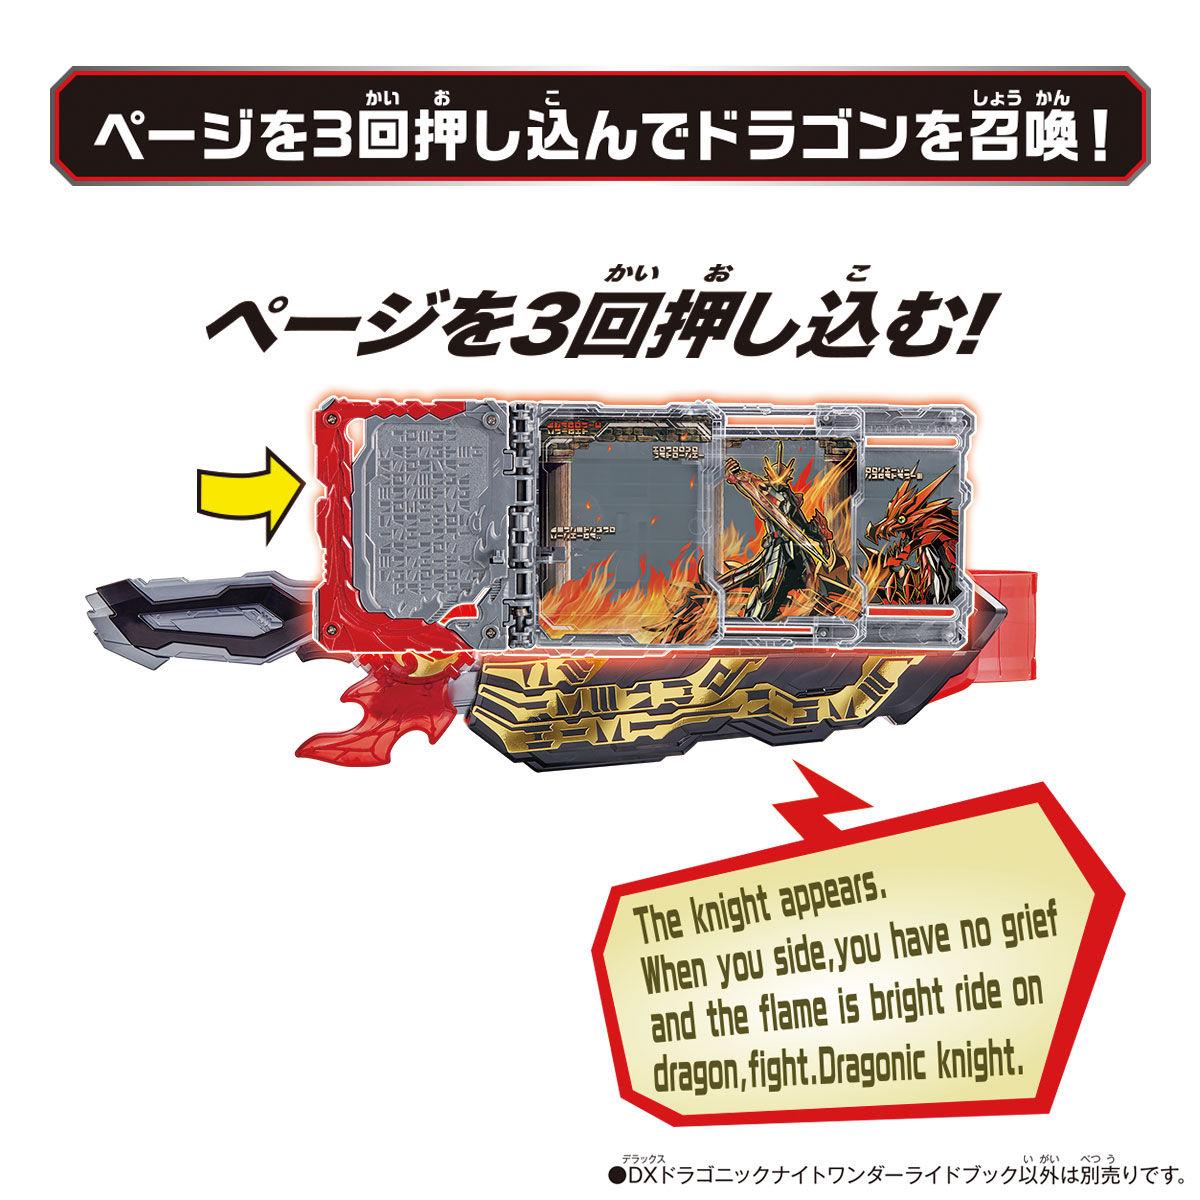 仮面ライダーセイバー『DXドラゴニックナイトワンダーライドブック』変身なりきり-009